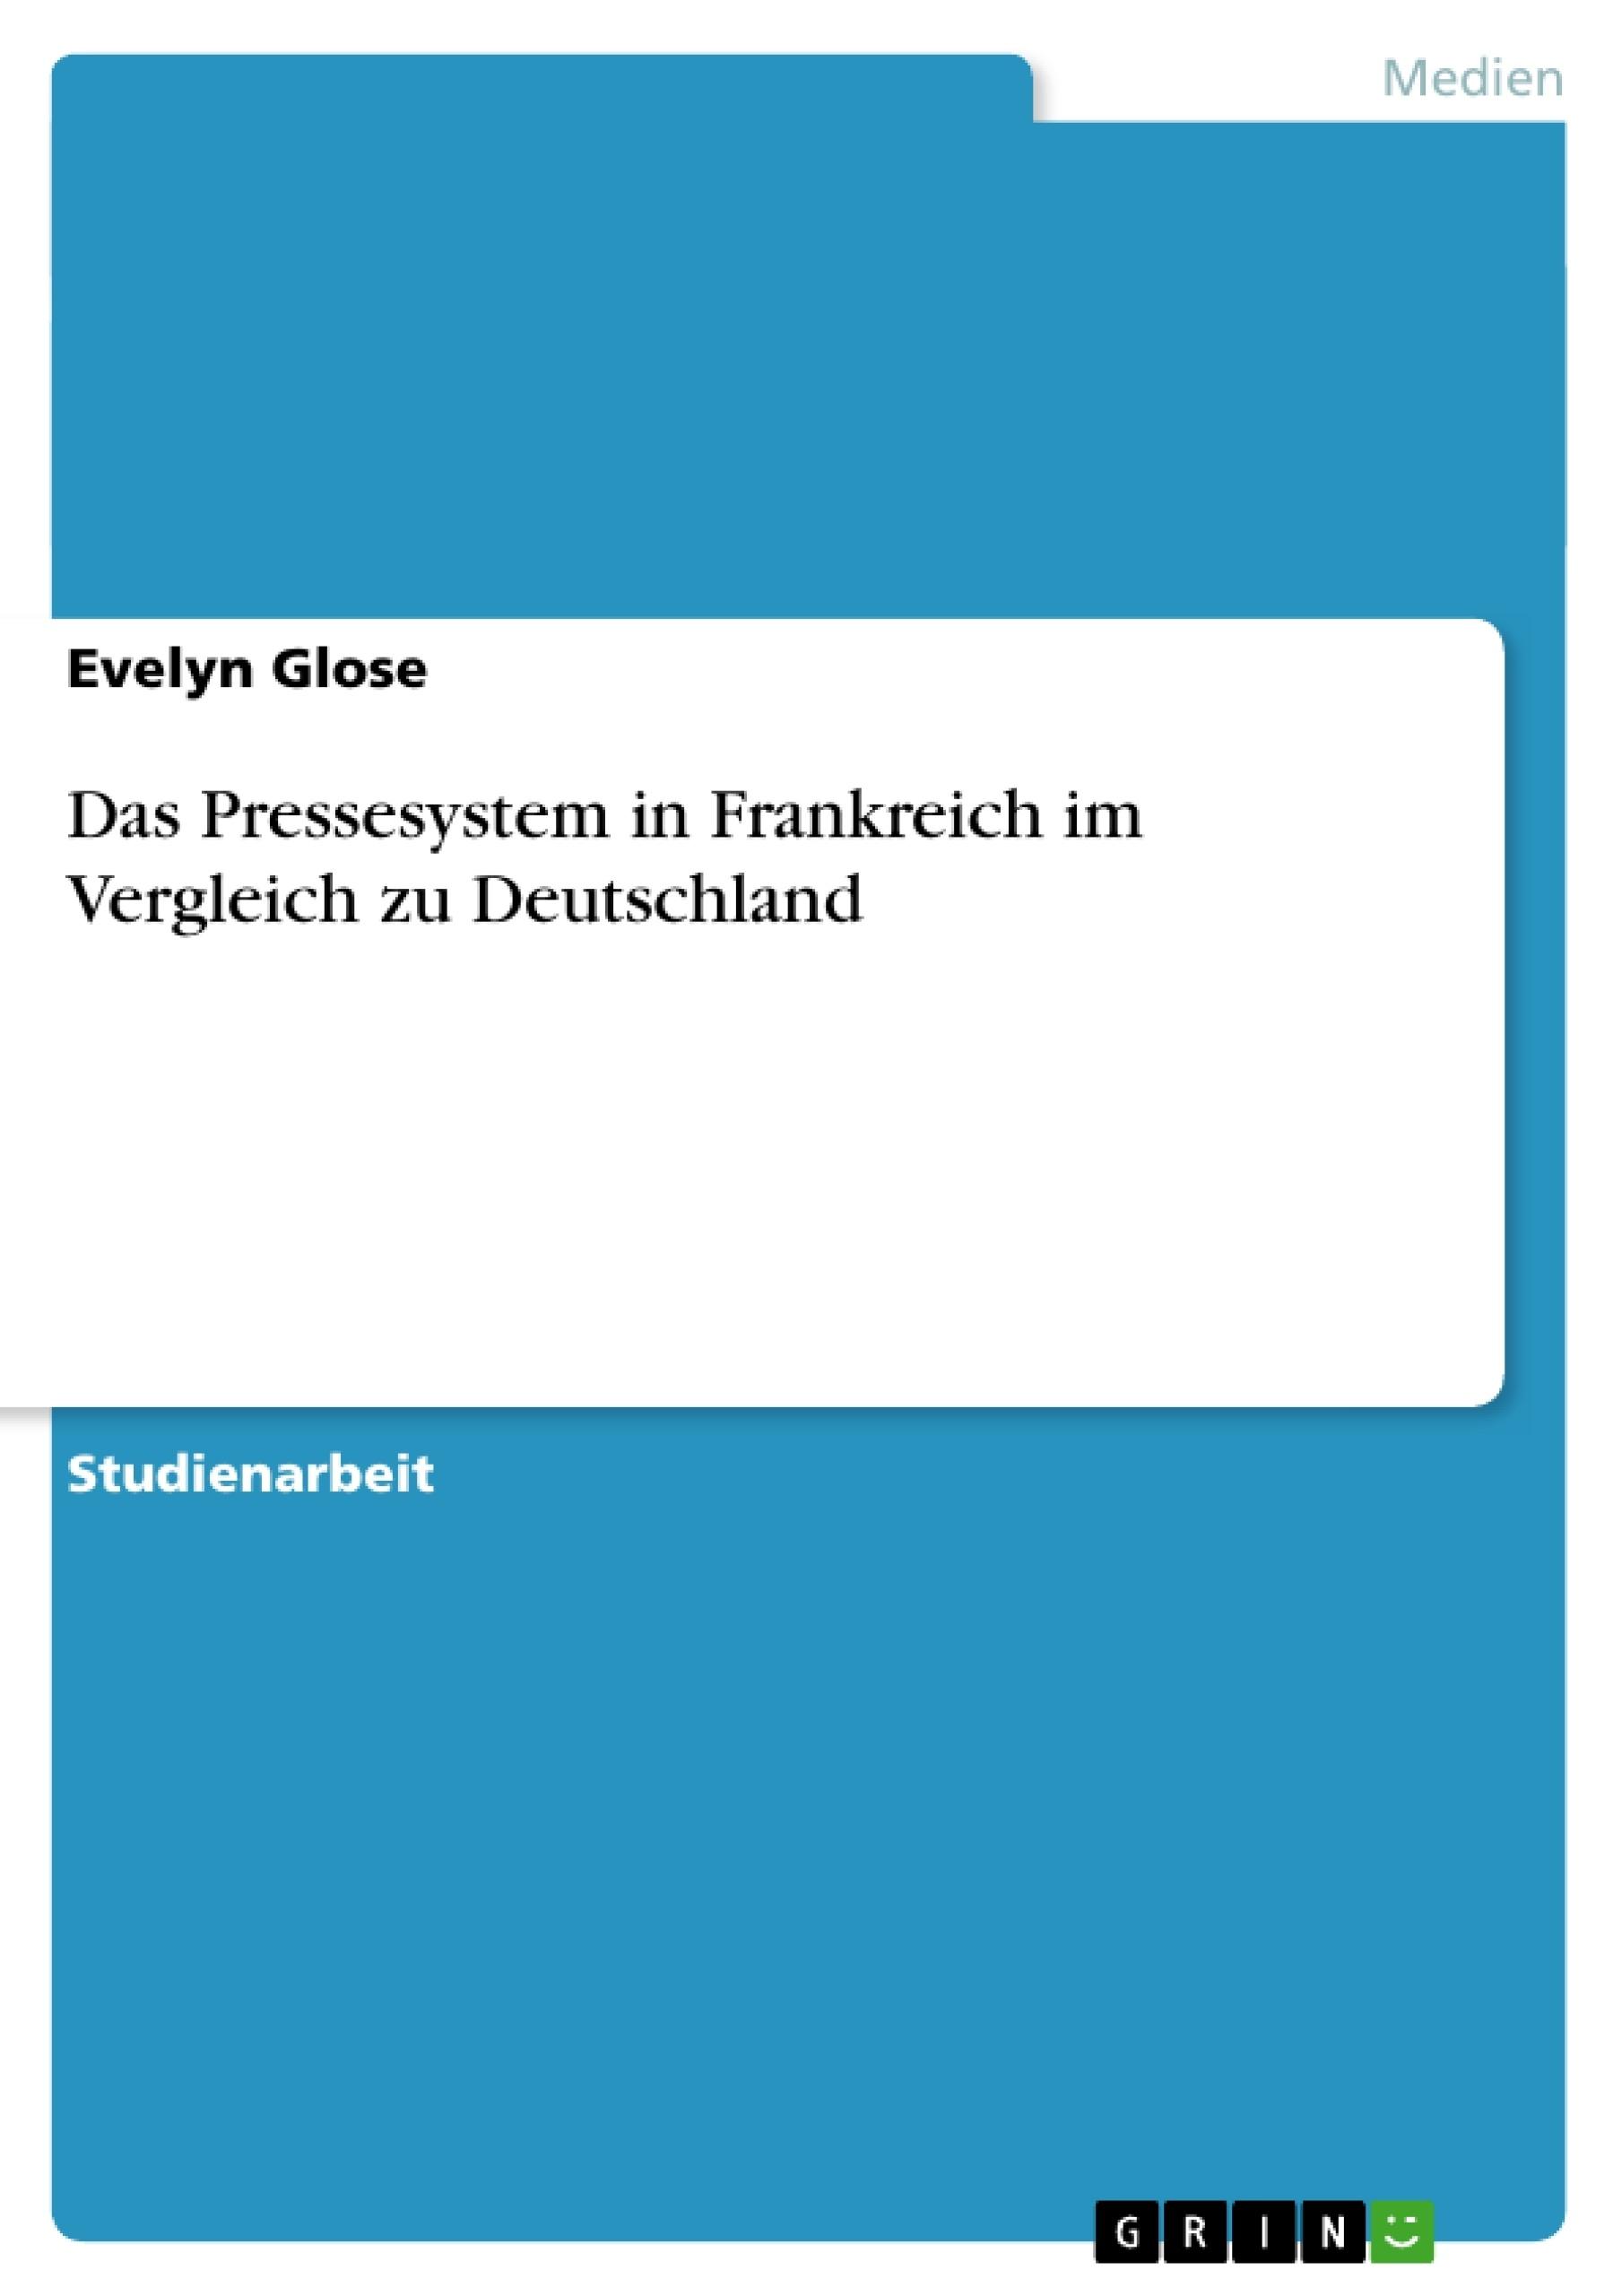 Titel: Das Pressesystem in Frankreich im Vergleich zu Deutschland